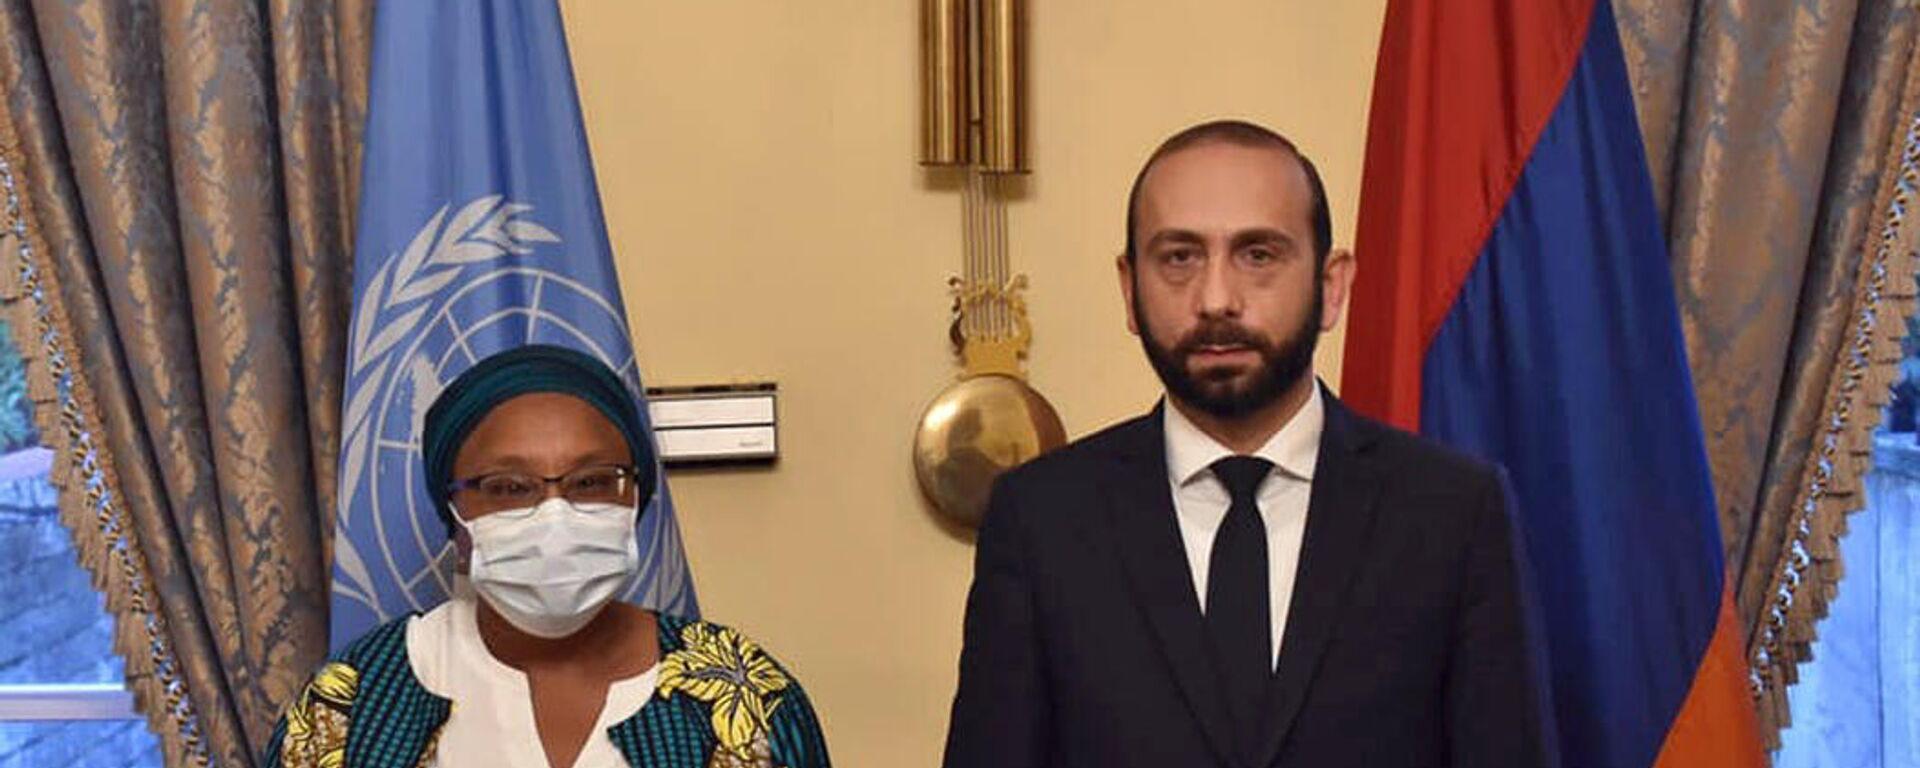 Արարատ Միրզոյանը հանդիպել է ՄԱԿ գլխավոր քարտուղարի հատուկ խորհրդականին - Sputnik Արմենիա, 1920, 25.09.2021